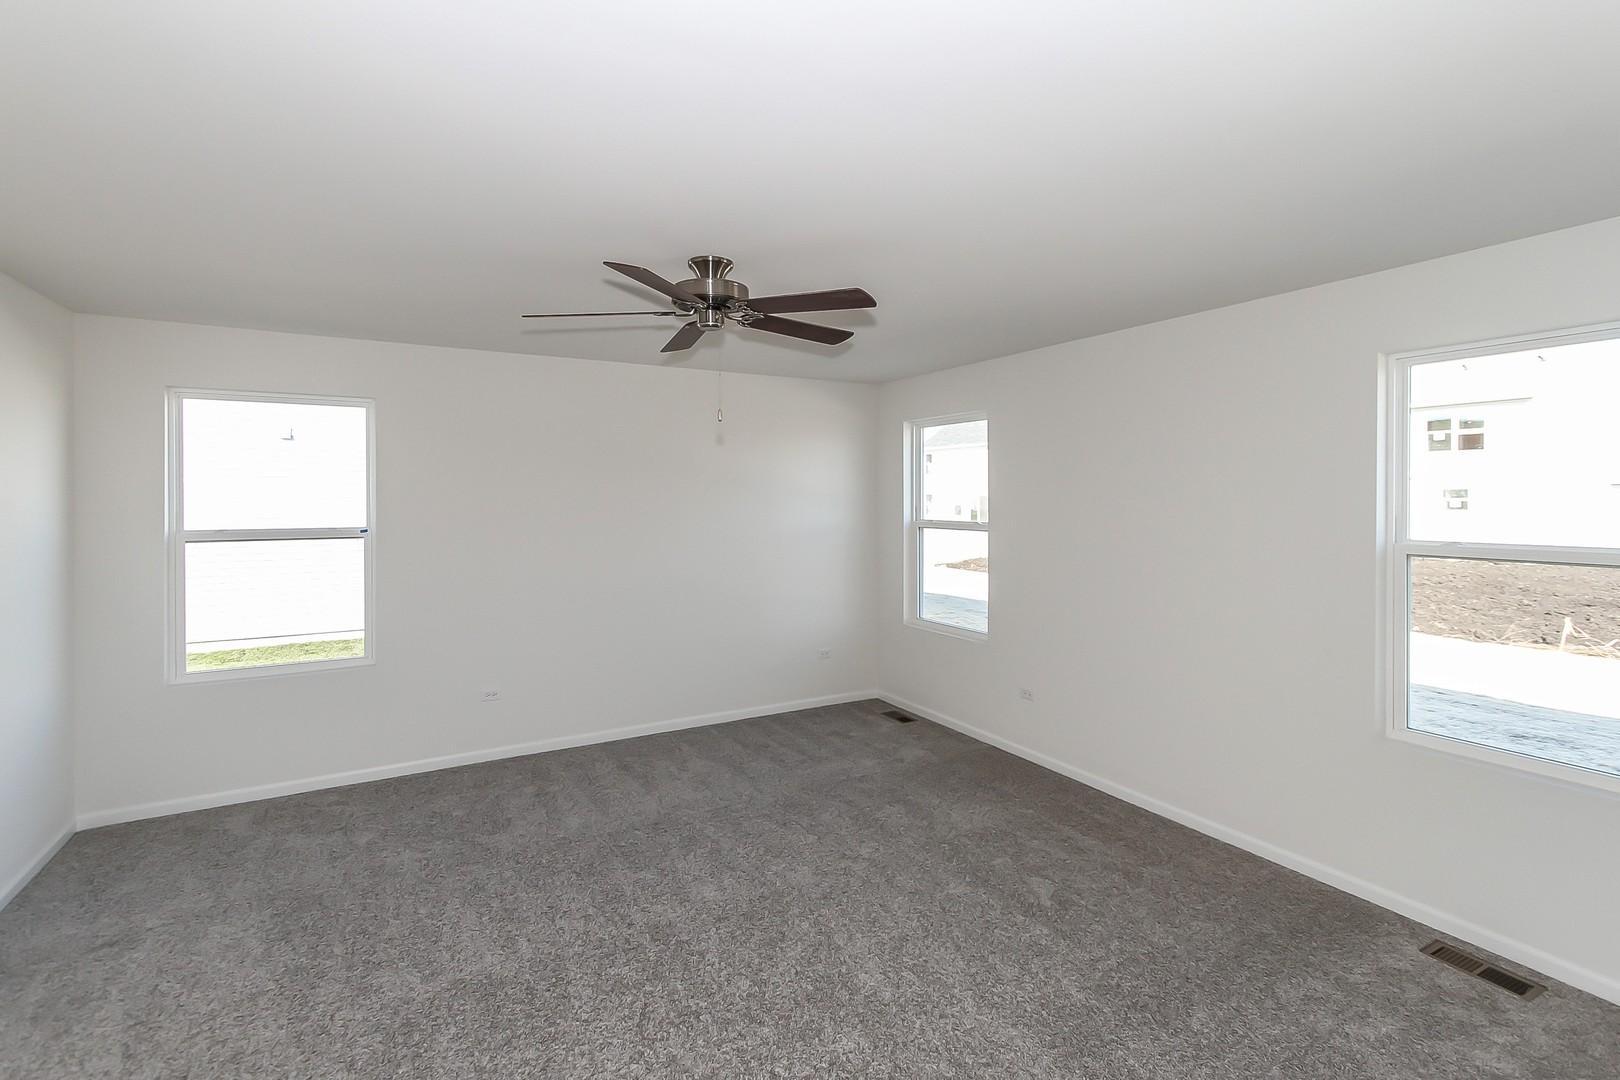 1302 Colaric Lot#185, Joliet, Illinois, 60431